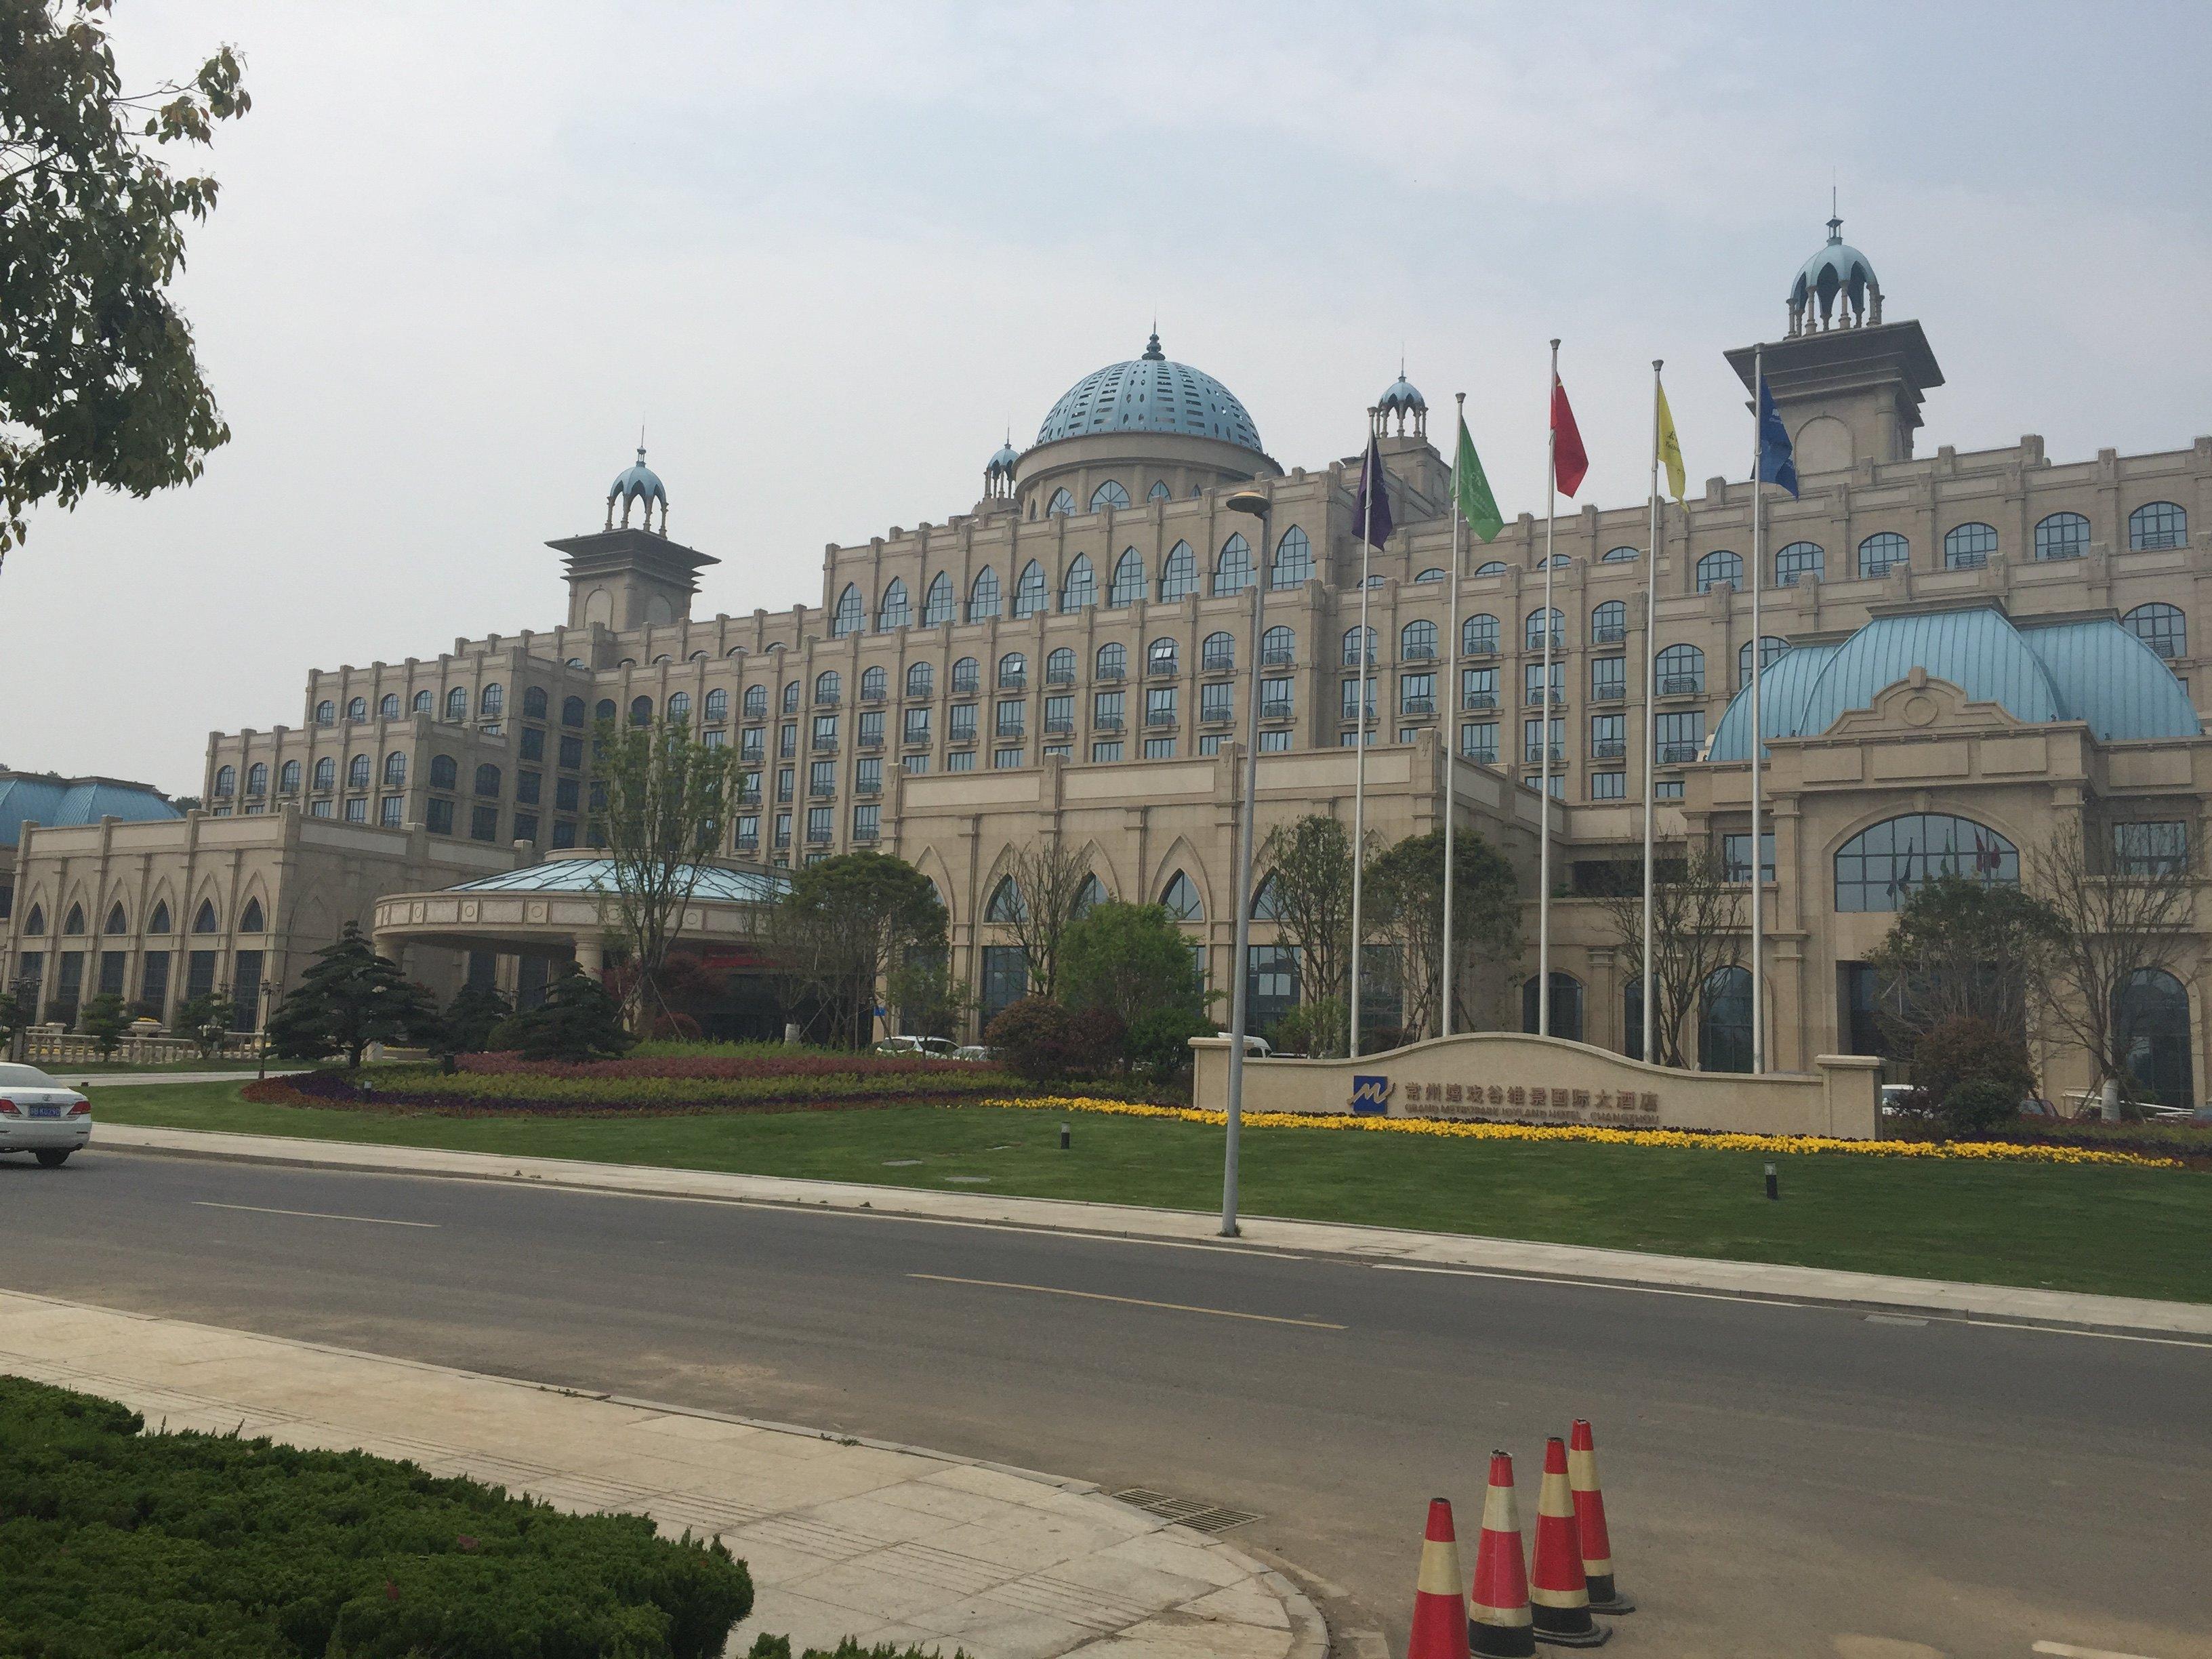 当看到宏伟的圆顶欧式建筑的酒店时